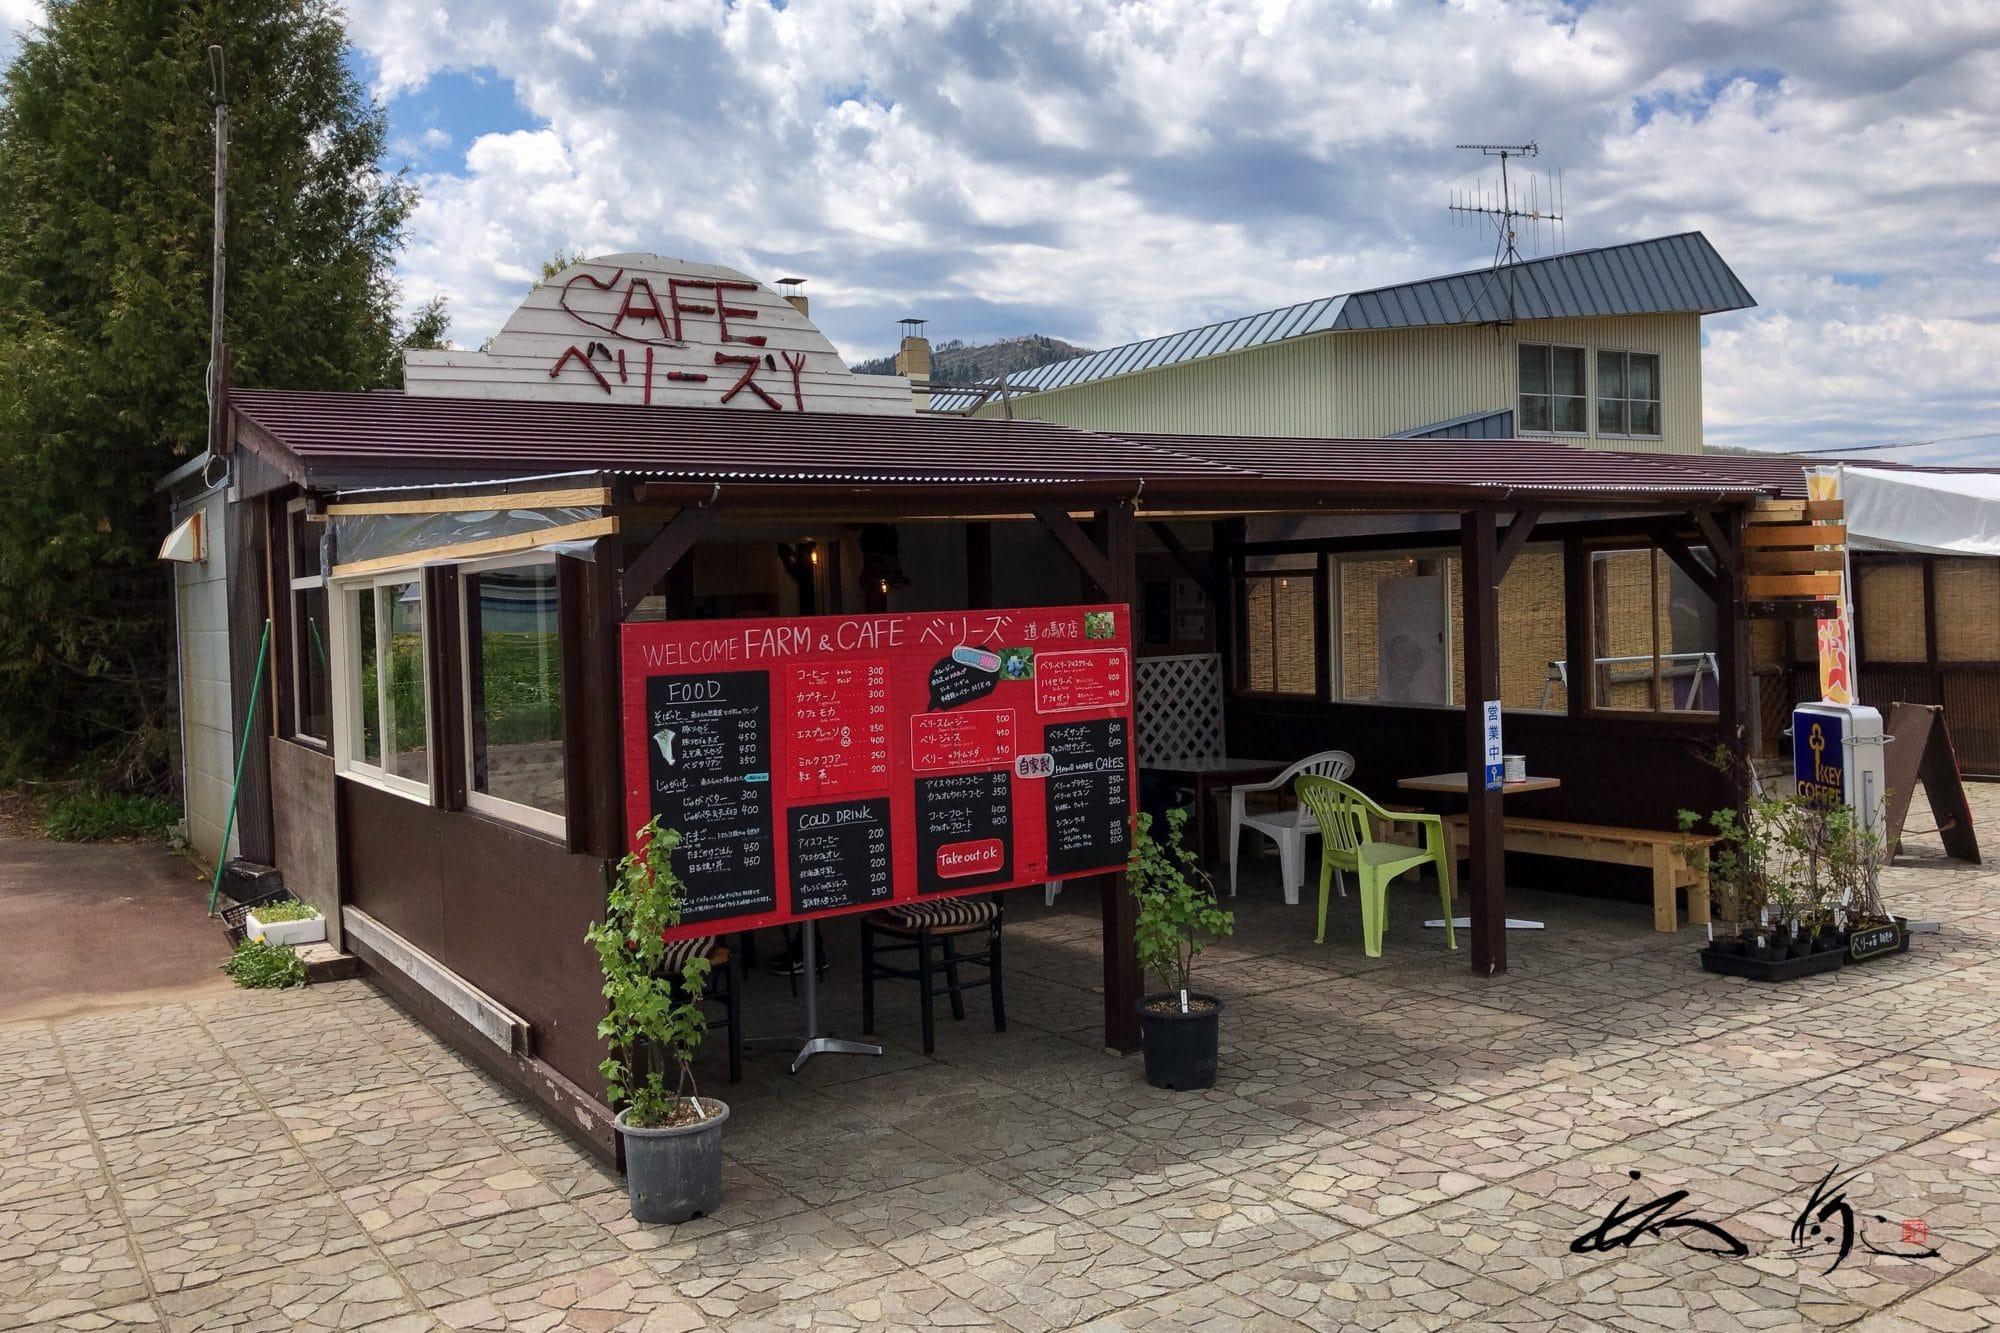 Farm&Cafe ベリーズ道の駅店(南富良野町)そば粉100%「そばっと」&「ベリースムージー」を味わう